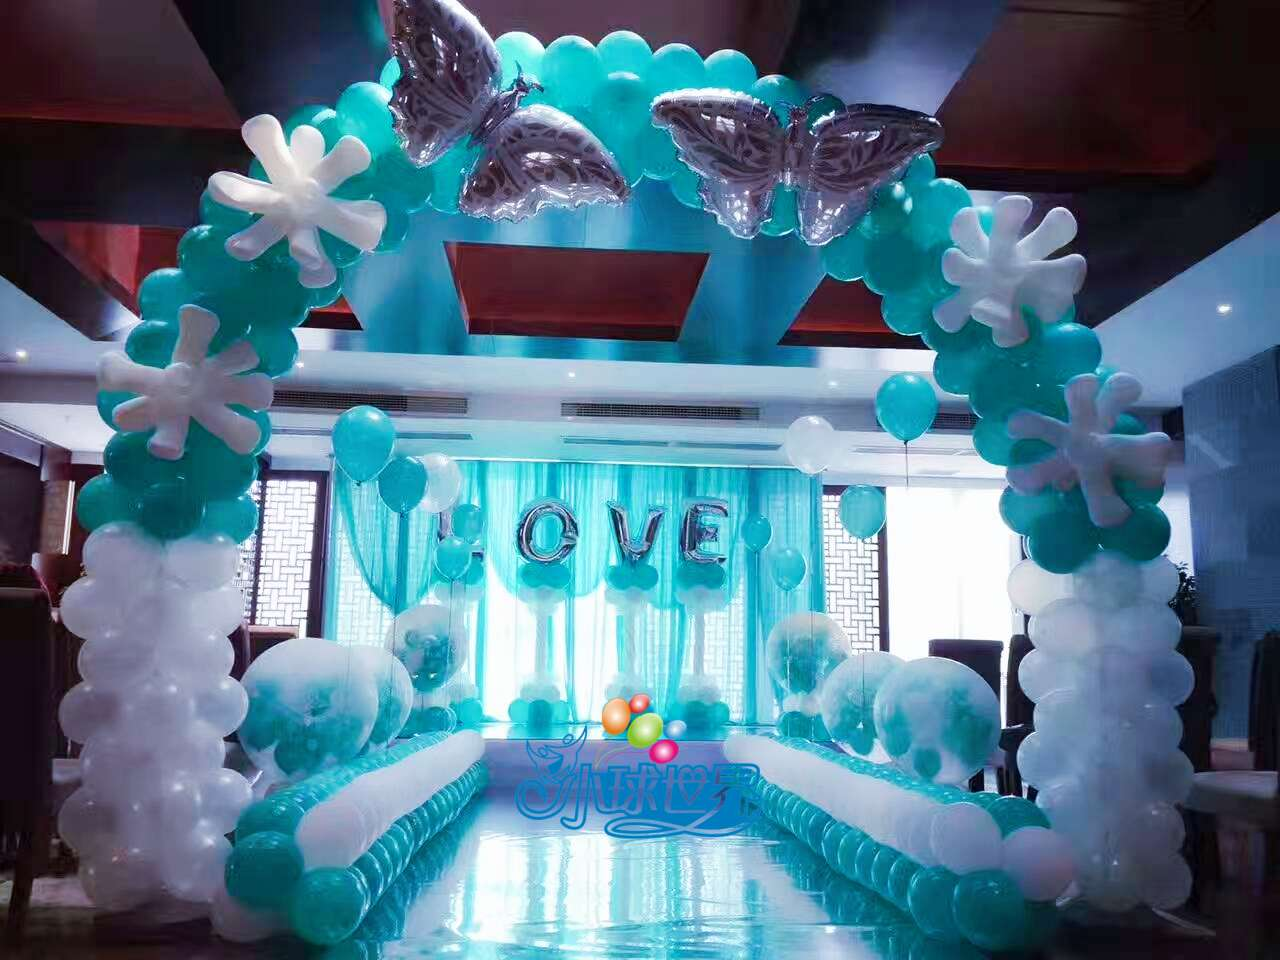 重庆婚礼气球装饰,婚房布置,求婚订婚场地布置